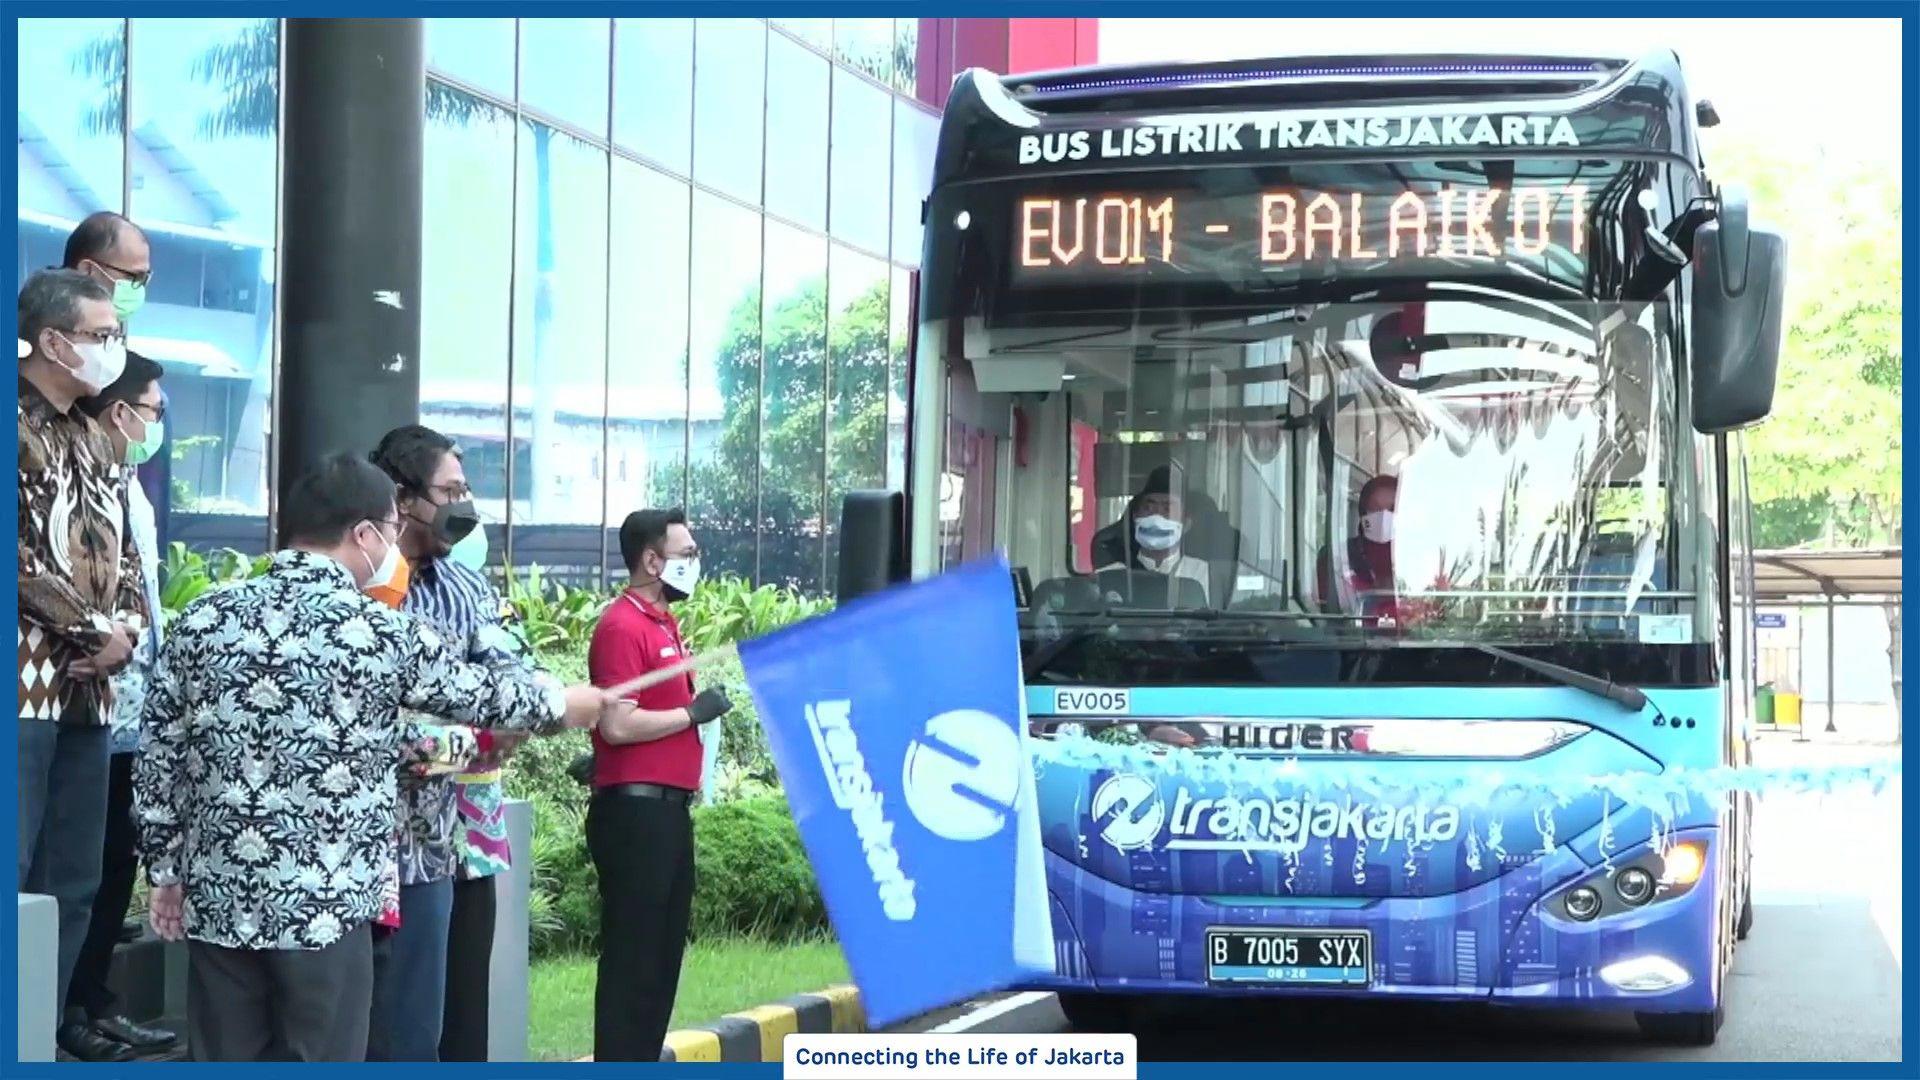 Gratis! Transjakarta Uji Coba Bus Listrik Rute Blok M - Balaikota